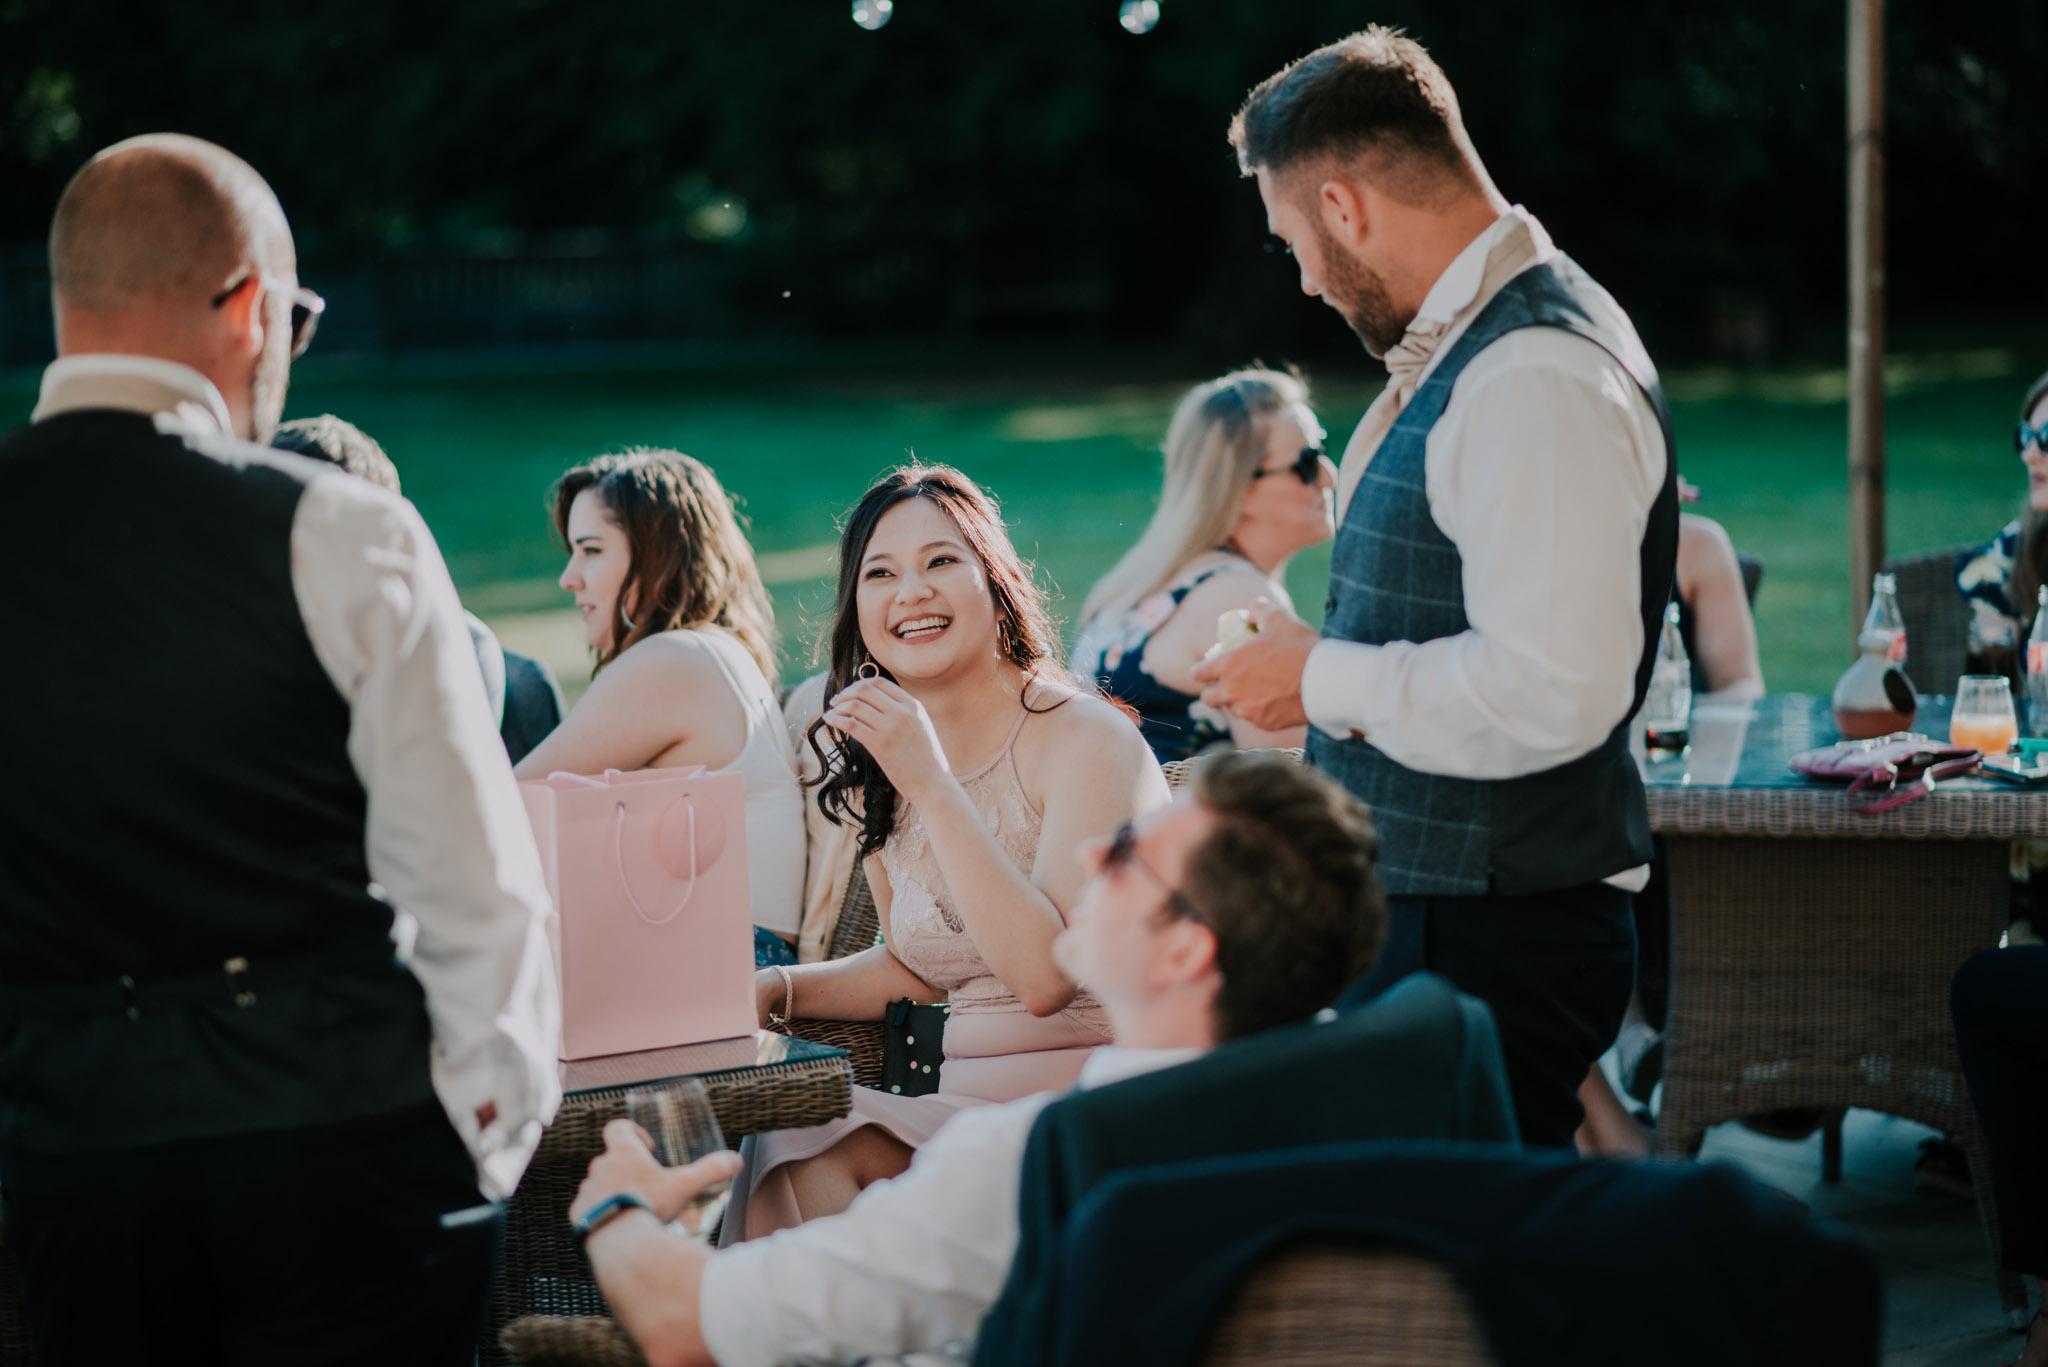 scott-stockwell-wedding-photographer-wood-norton-evesham346.jpg